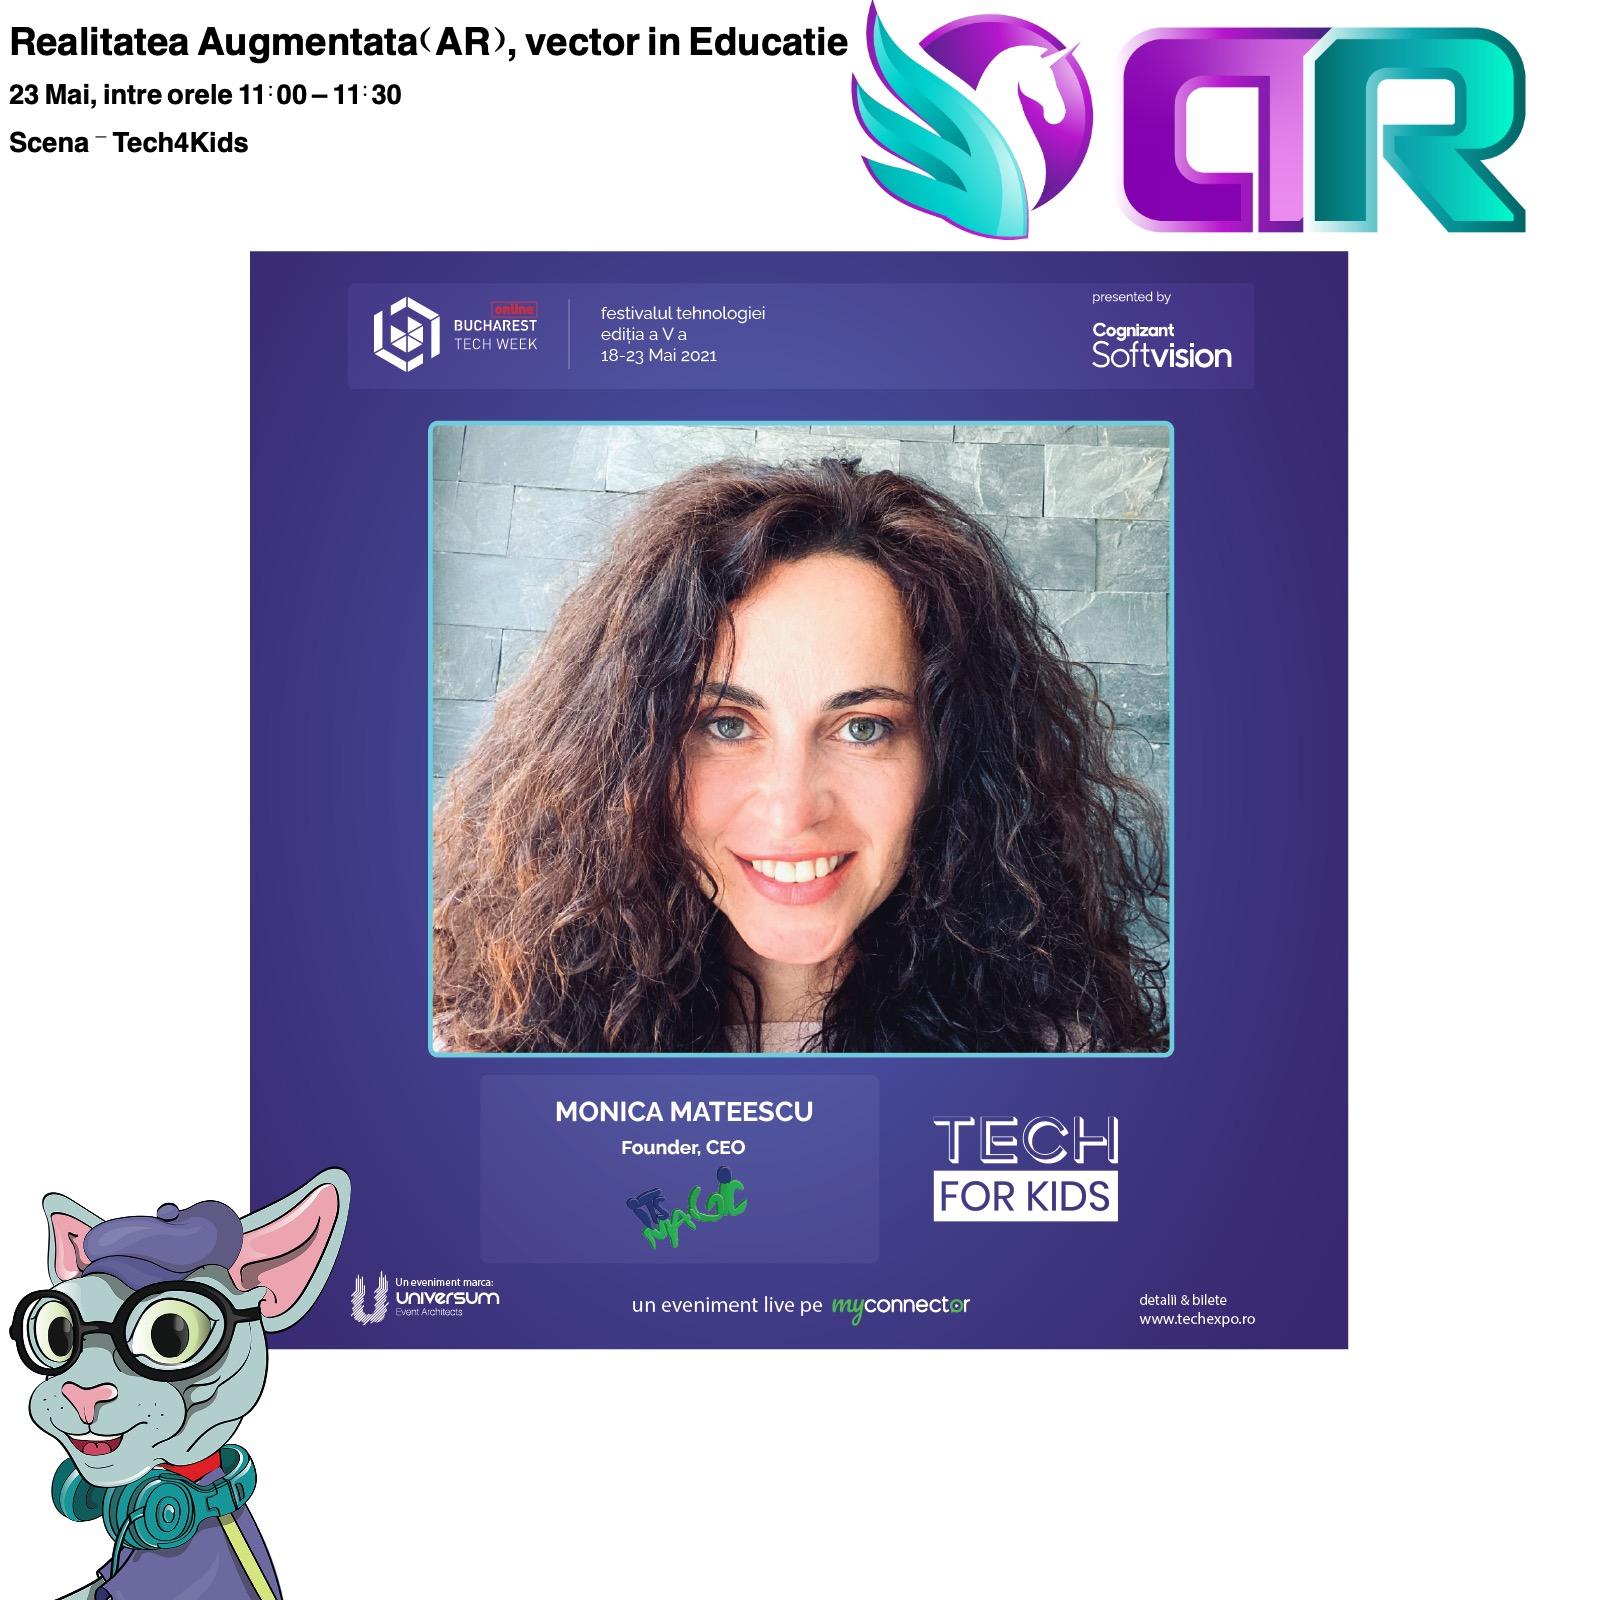 Realitatea Augmentata, vector în educație la Bucharest Tech Week, Scena Tech4Kids